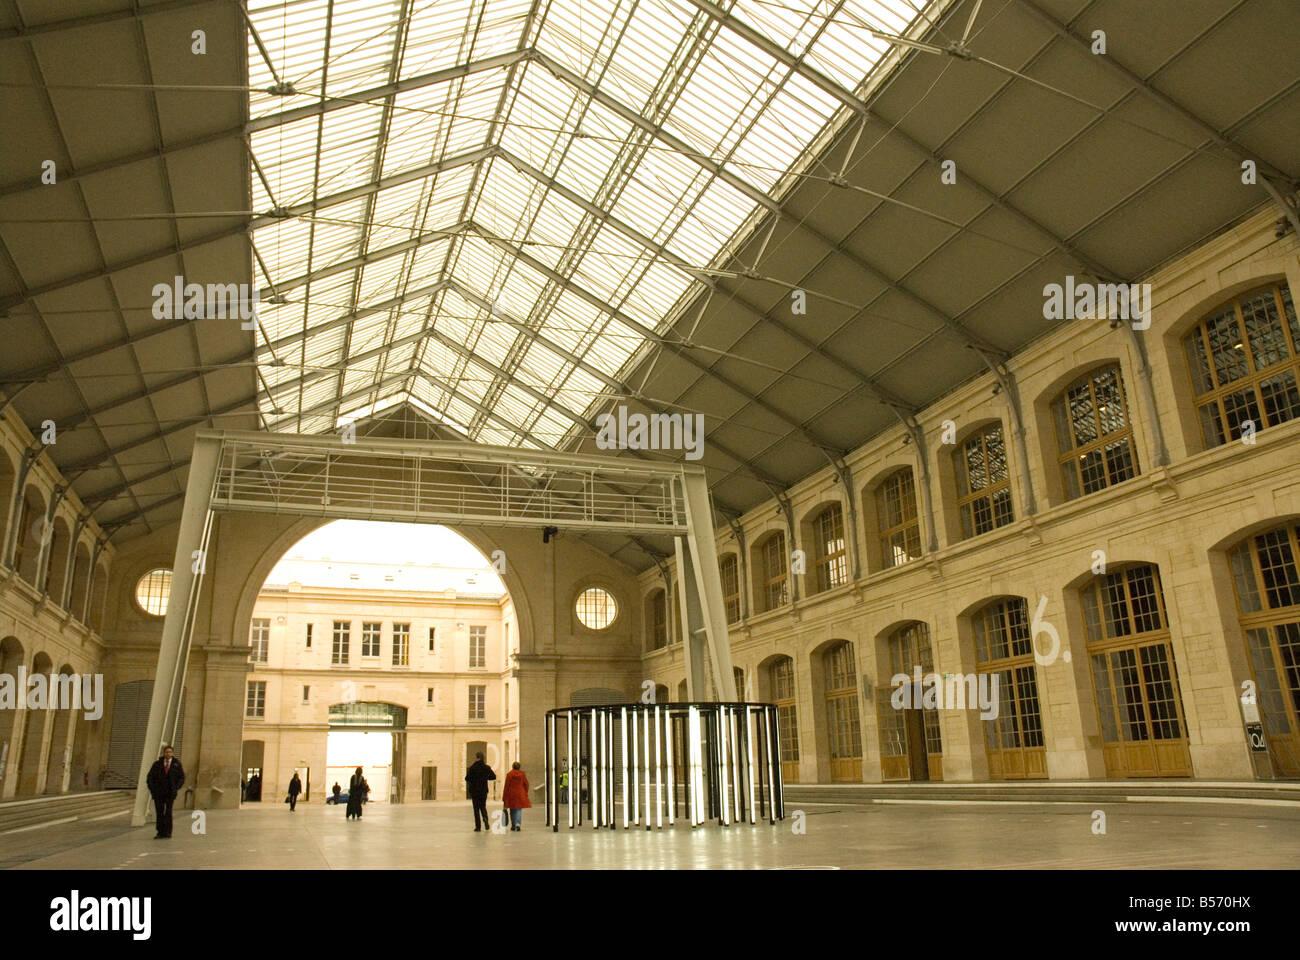 104 CentQuatre restauriert Beerdigung Salon modernes Arts Centre ...